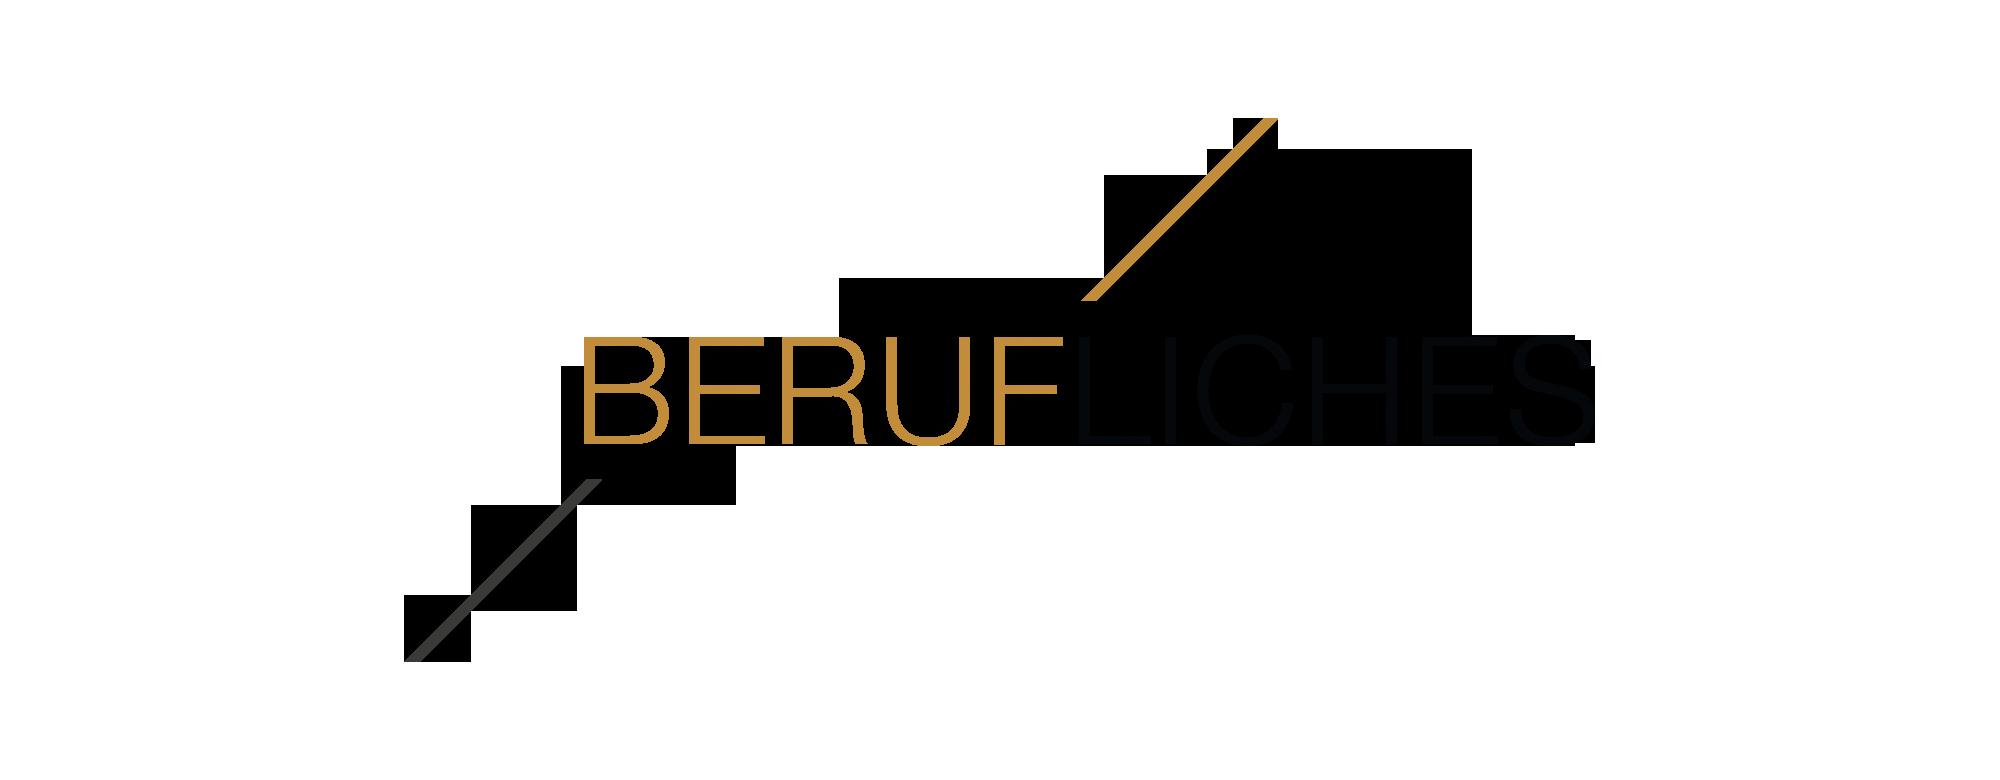 Berufliches Marco Zachskorn - Finanzdienstleistungen und Vertriebstraining